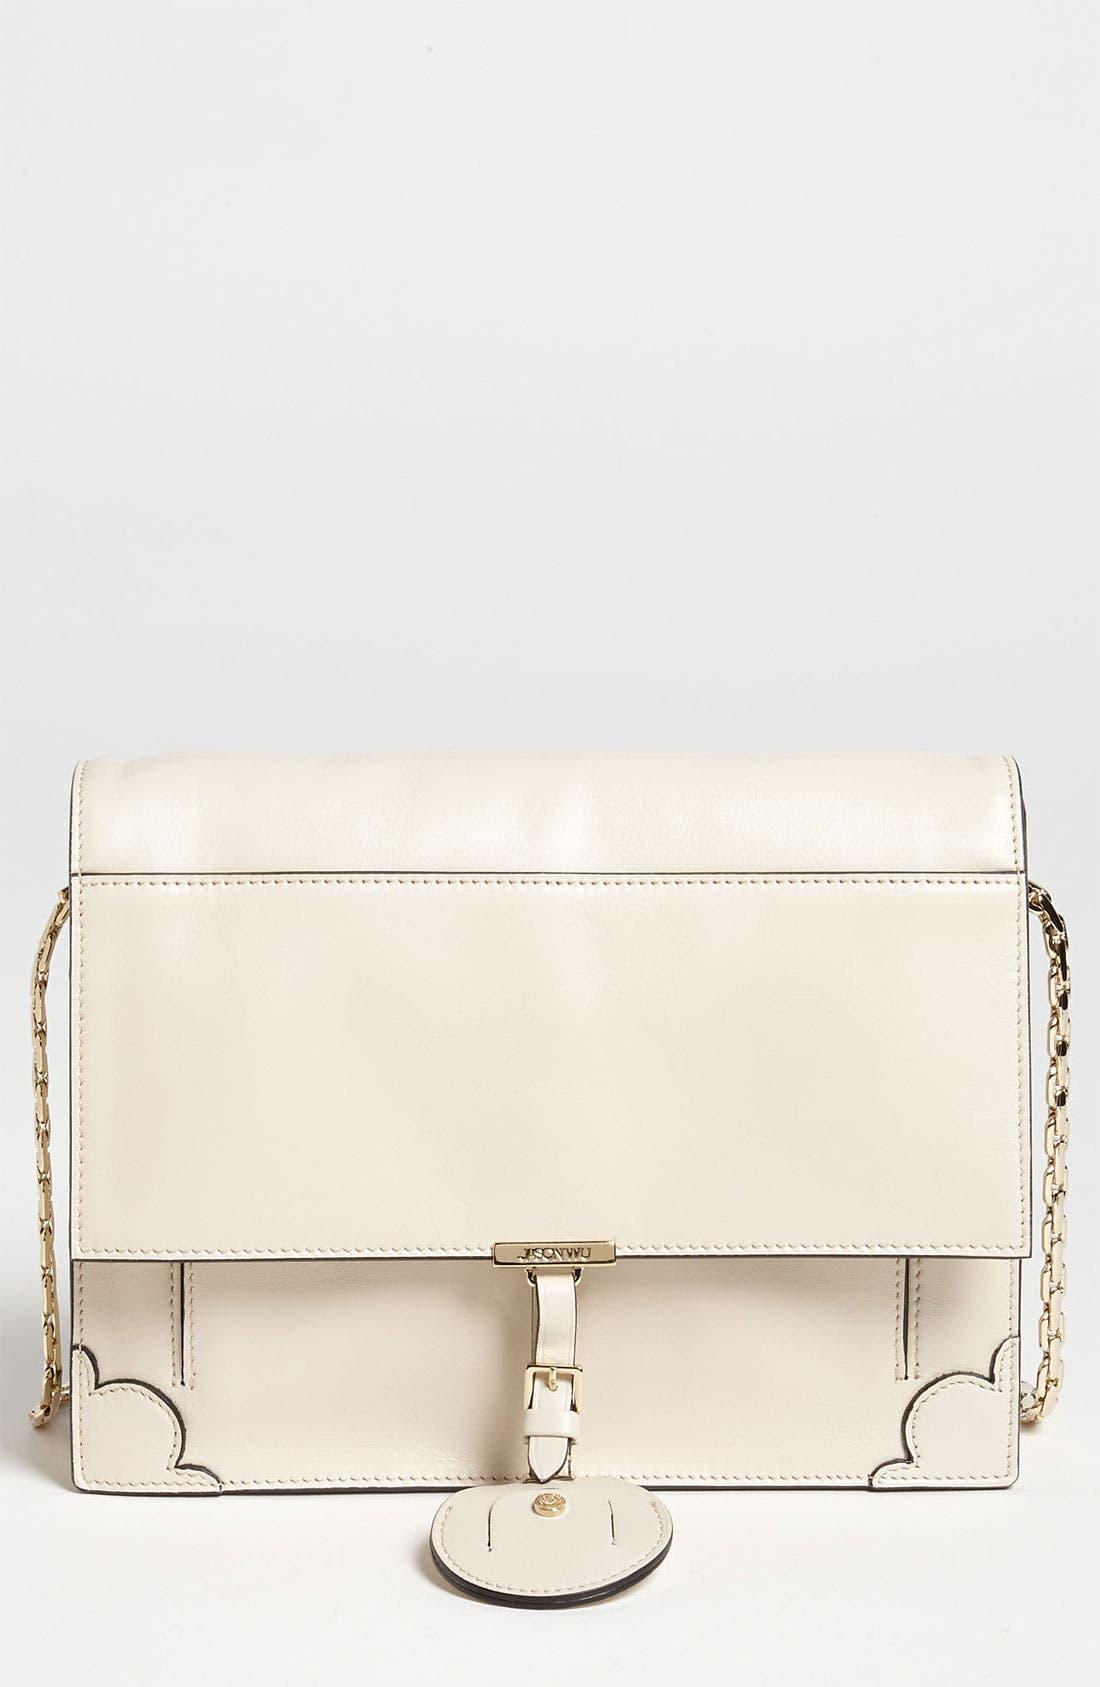 Main Image - Jason Wu 'Jourdan' Leather Crossbody Bag